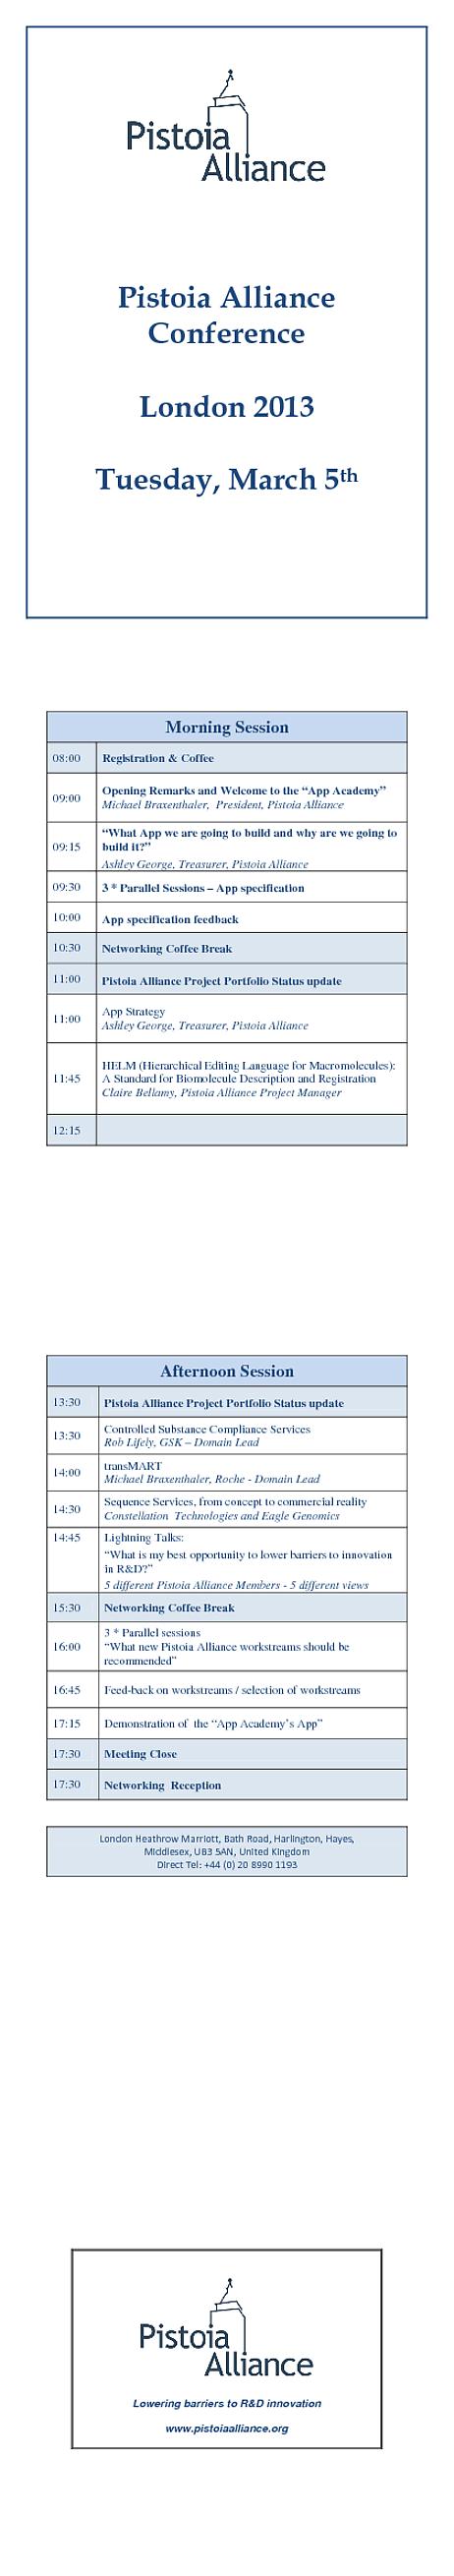 PA 2013 Annual European Meeting - Agenda